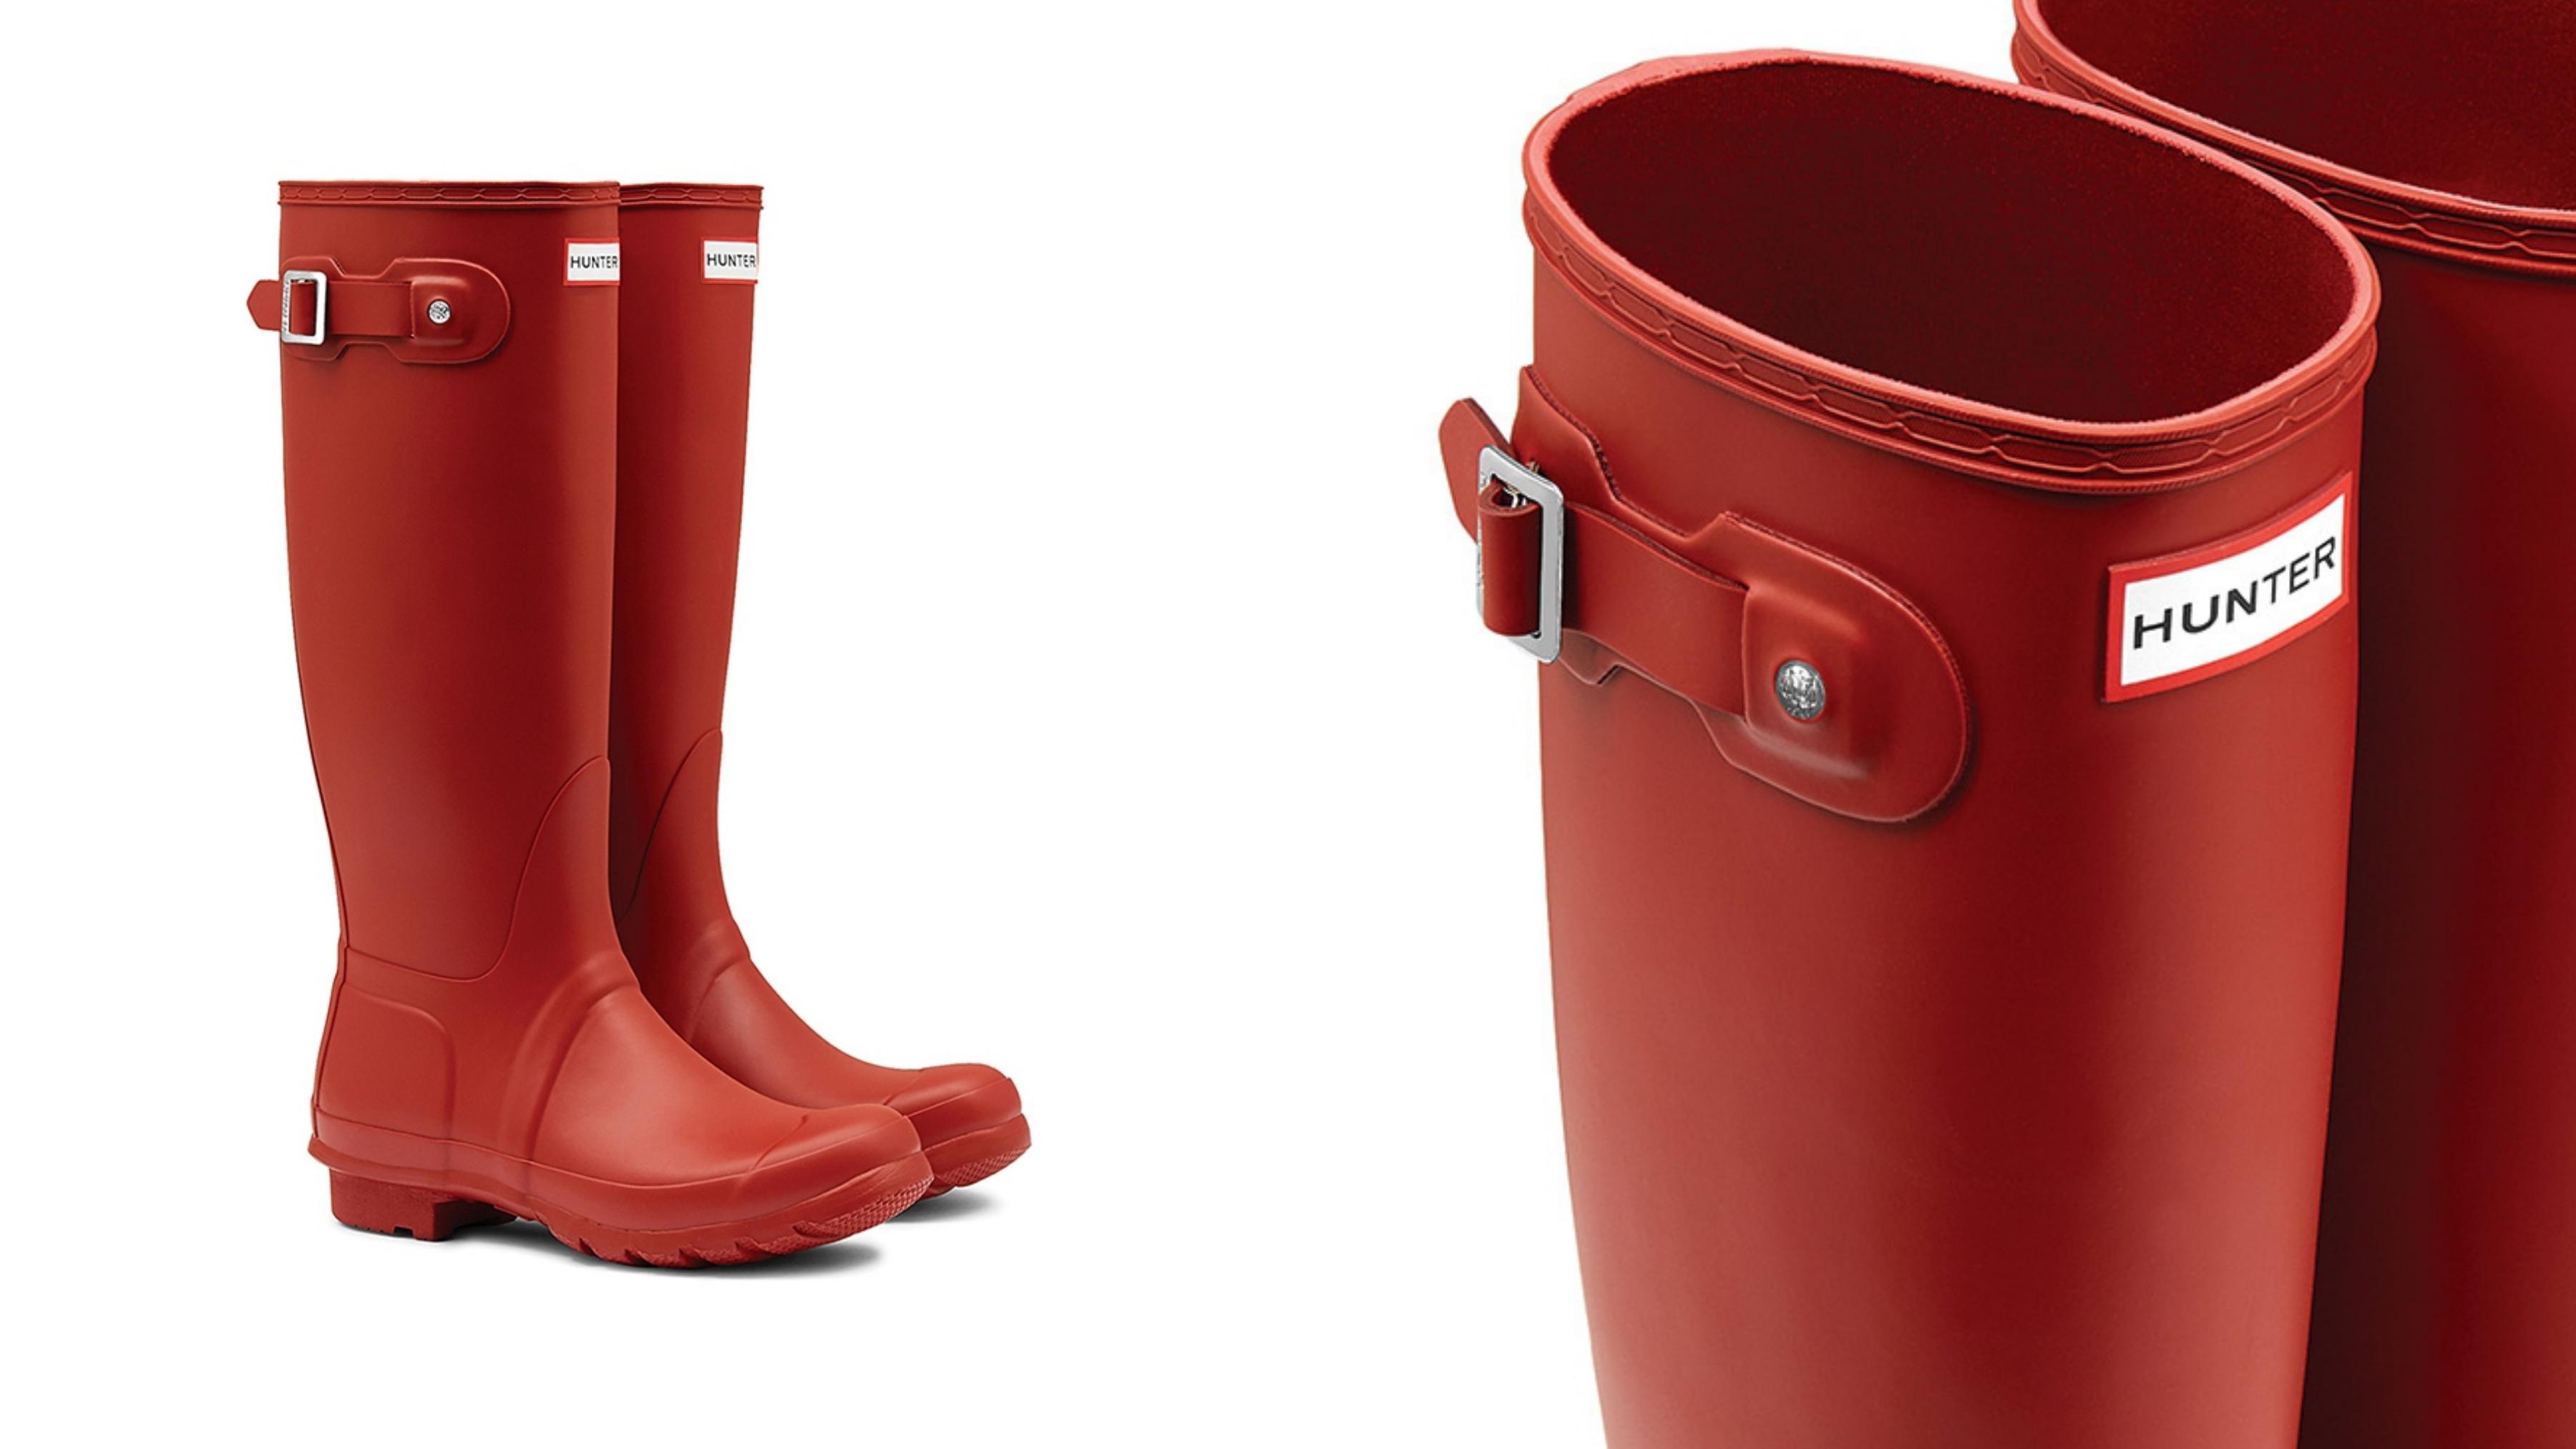 這款惠靈頓女靴便是Hunter Original品牌的核心,非常適合在潮濕的天氣條件下穿著